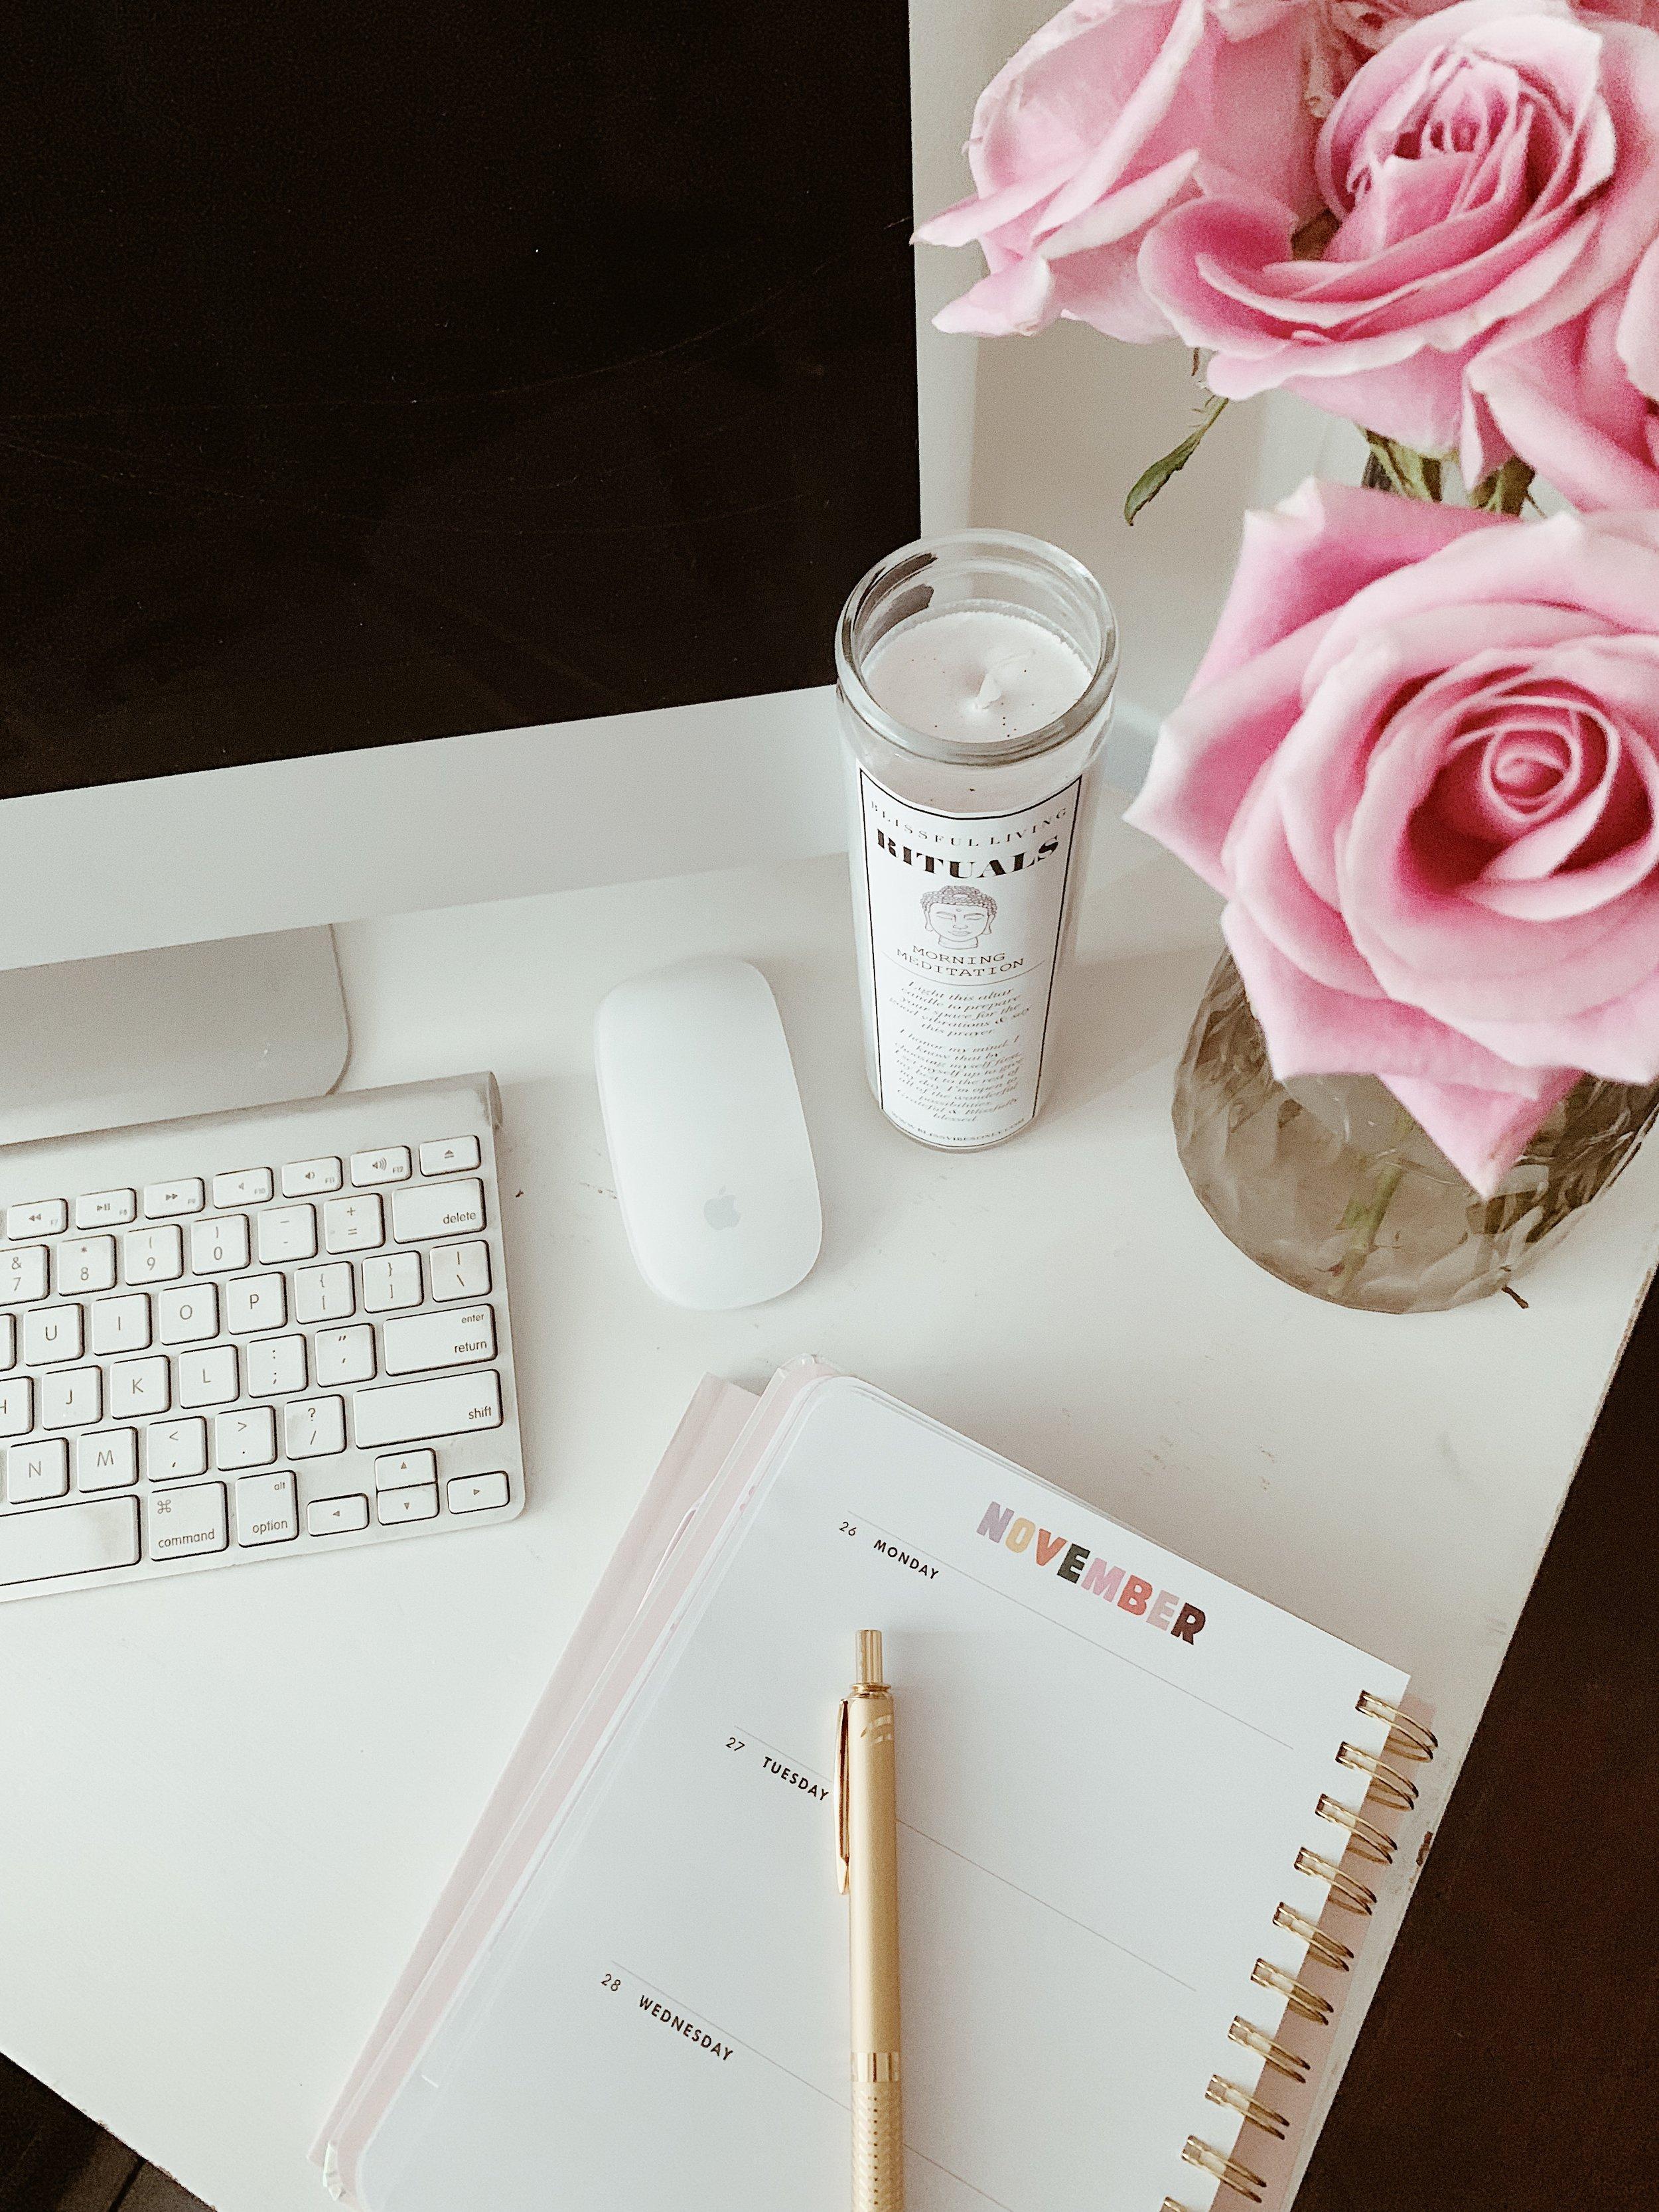 blissful desk vibes